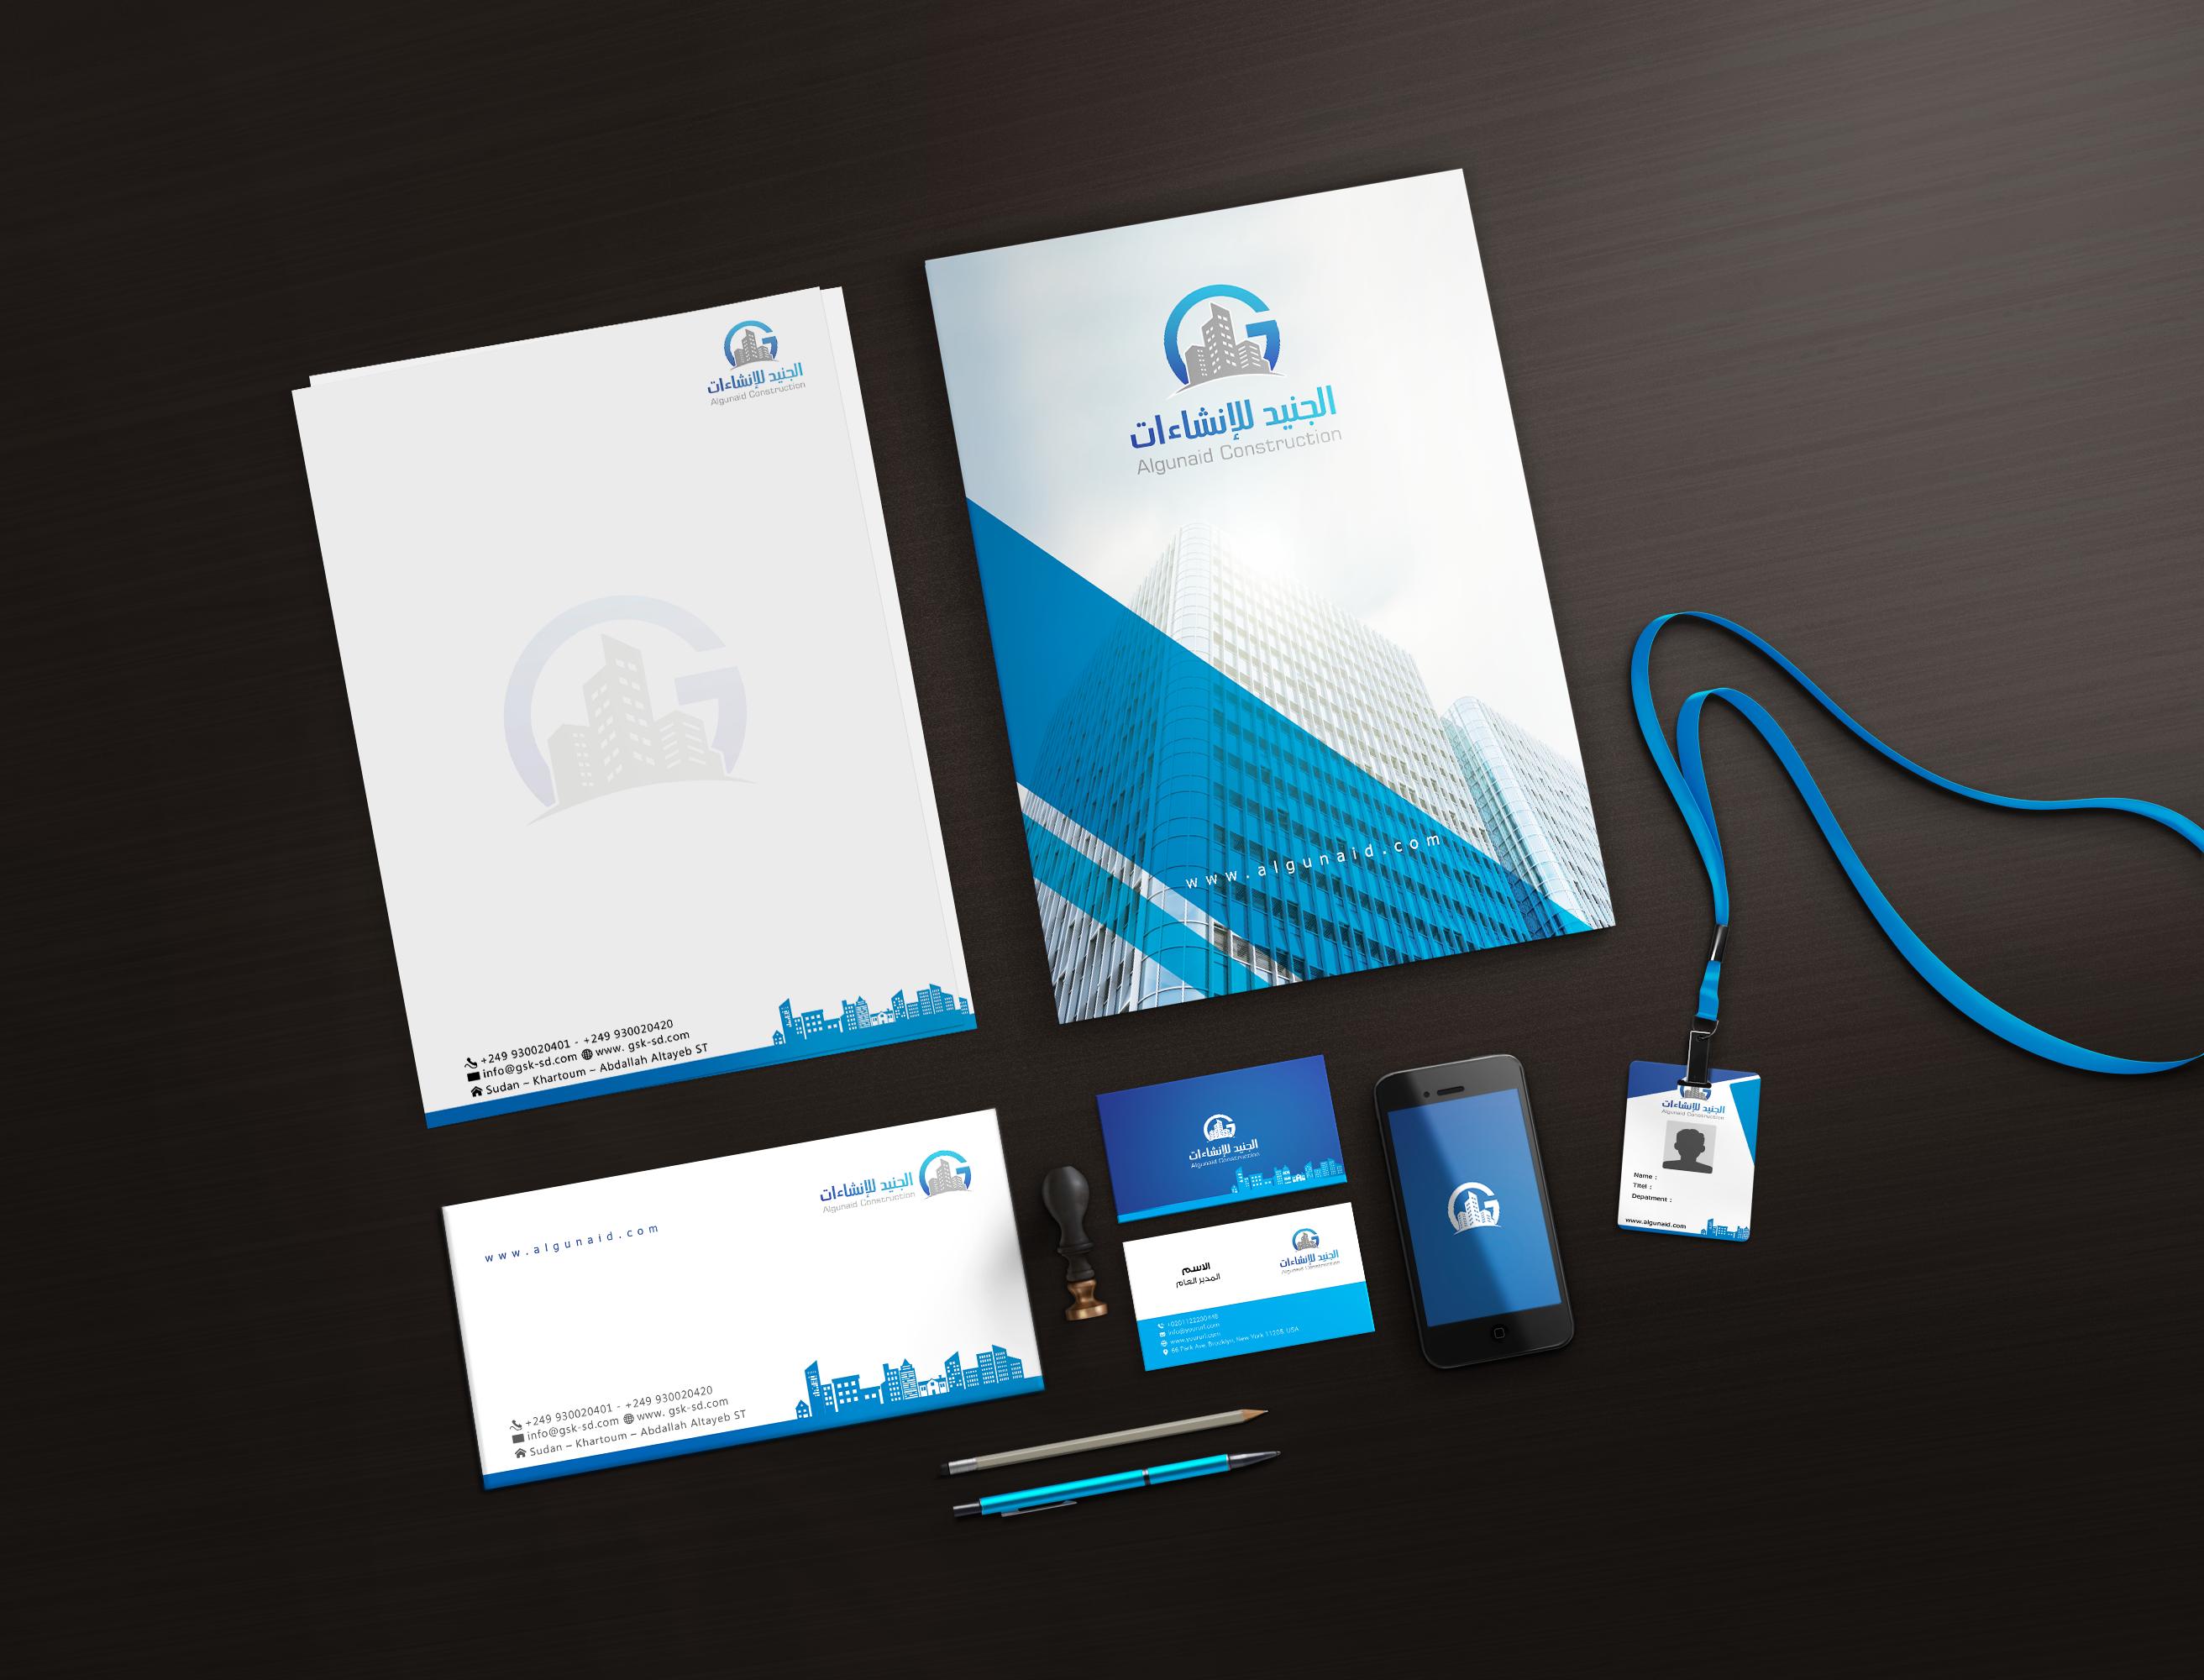 نماذج أعمالنا جرافيك تصميم مواقع الكترونية فيديوهات تسويقية Desktop Screenshot